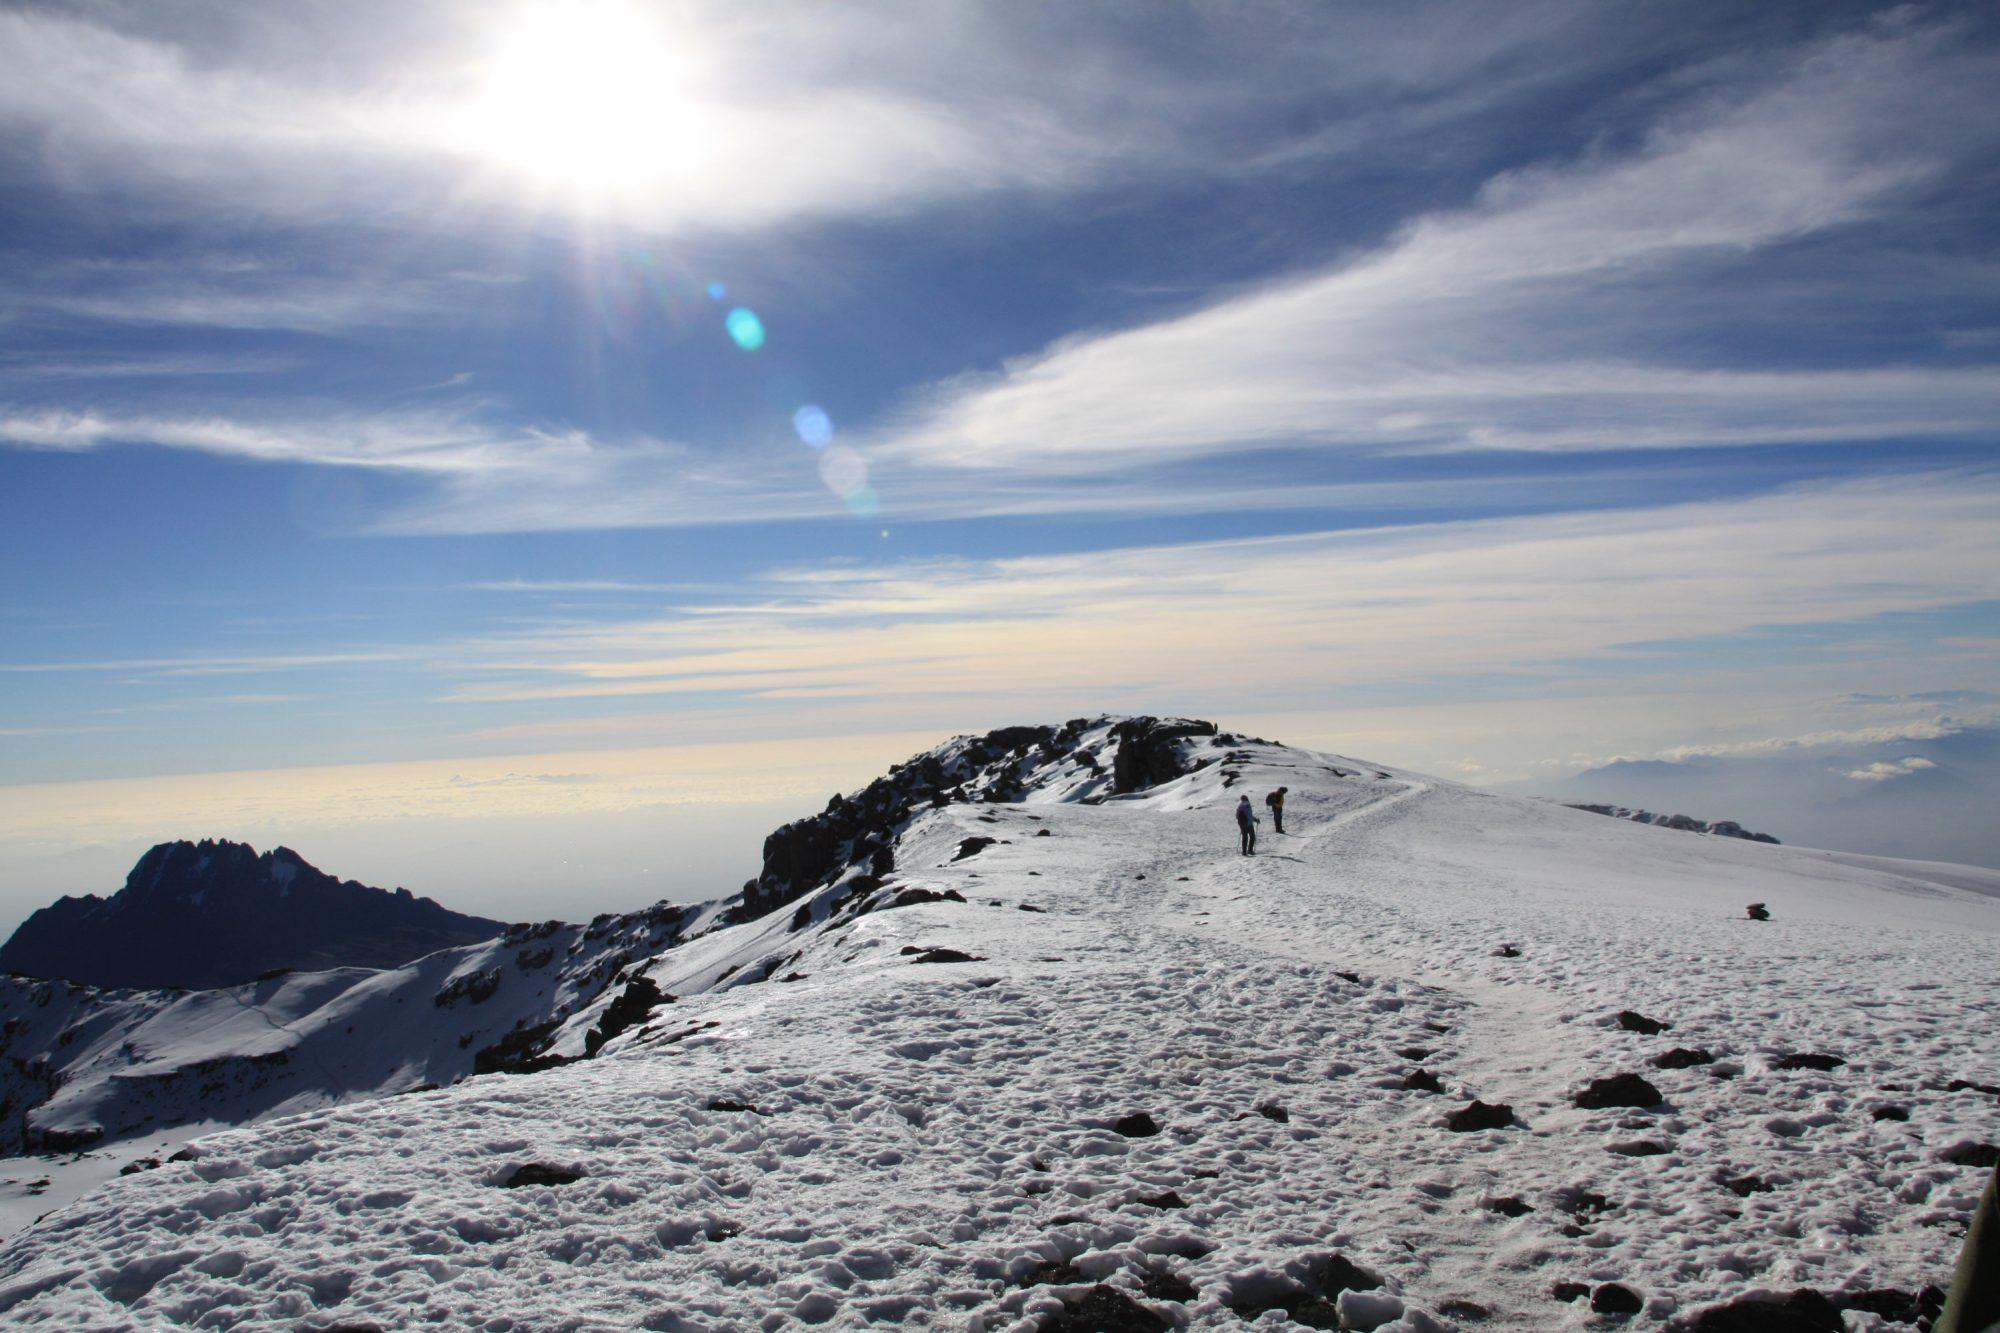 Schnee auf dem Kilimandscharo, Kilimandscharo besteigen, Tansania, Afrika, Kilimandscharo Tour, Erfahrungsbericht, Machame Route